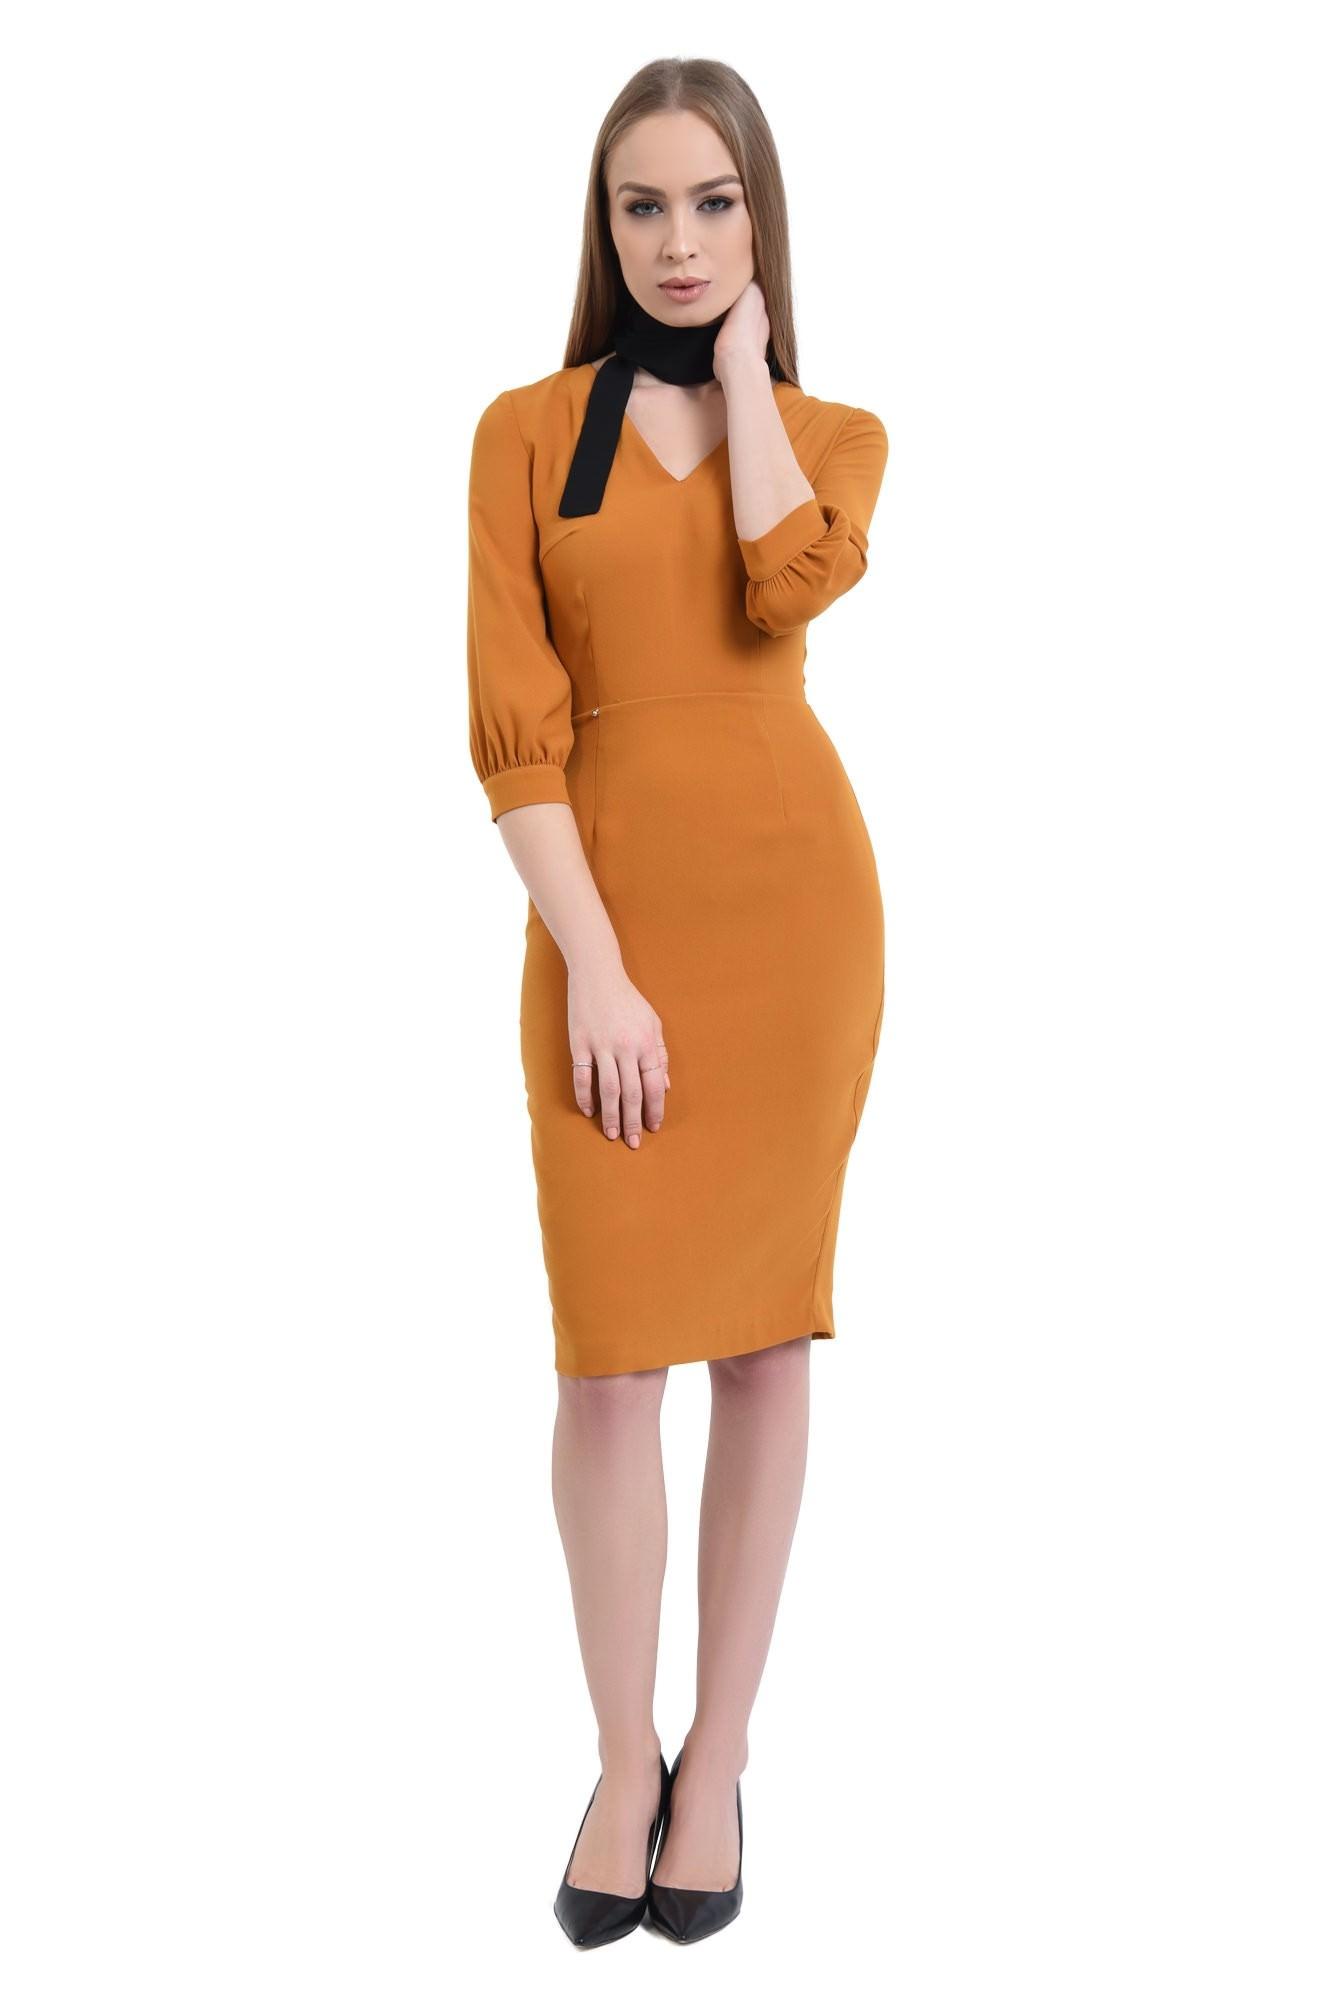 360 - Rochie casual mustar, fermoar, rochii de dama online